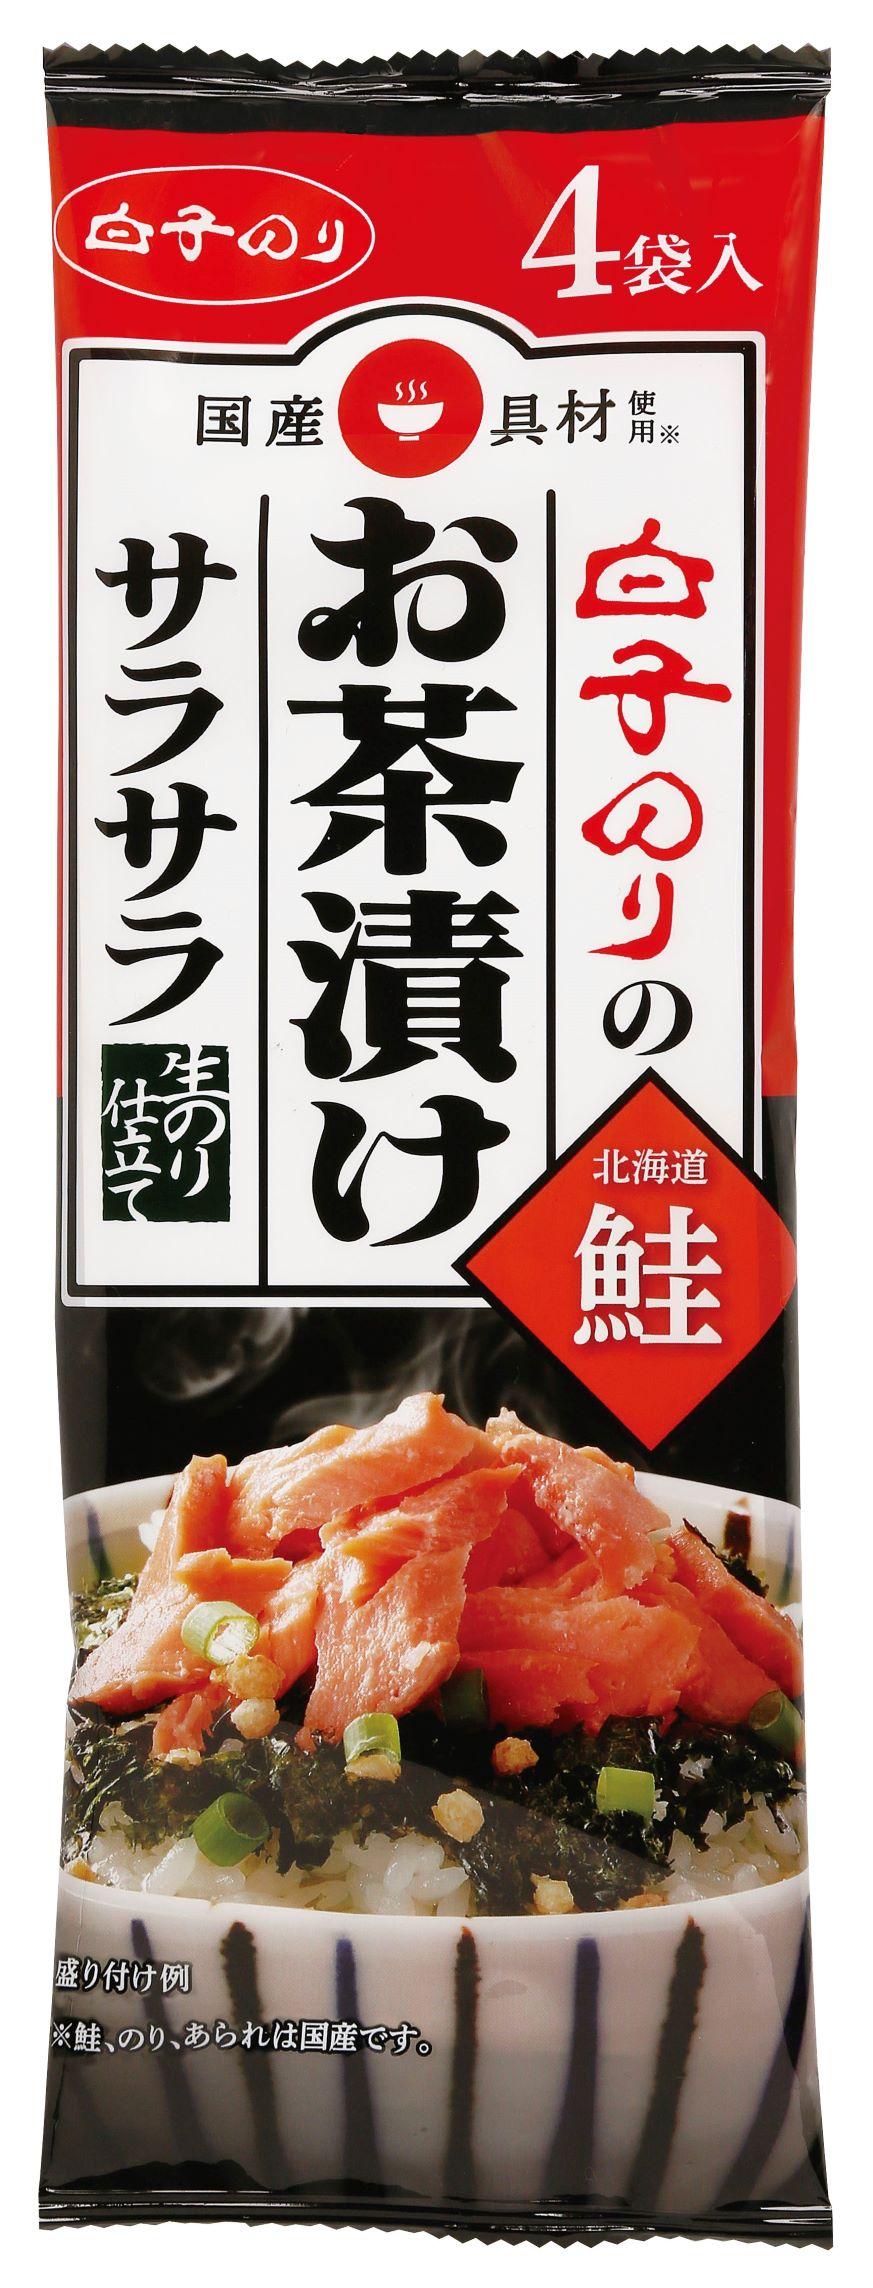 Rお茶漬けサラサラ鮭4P